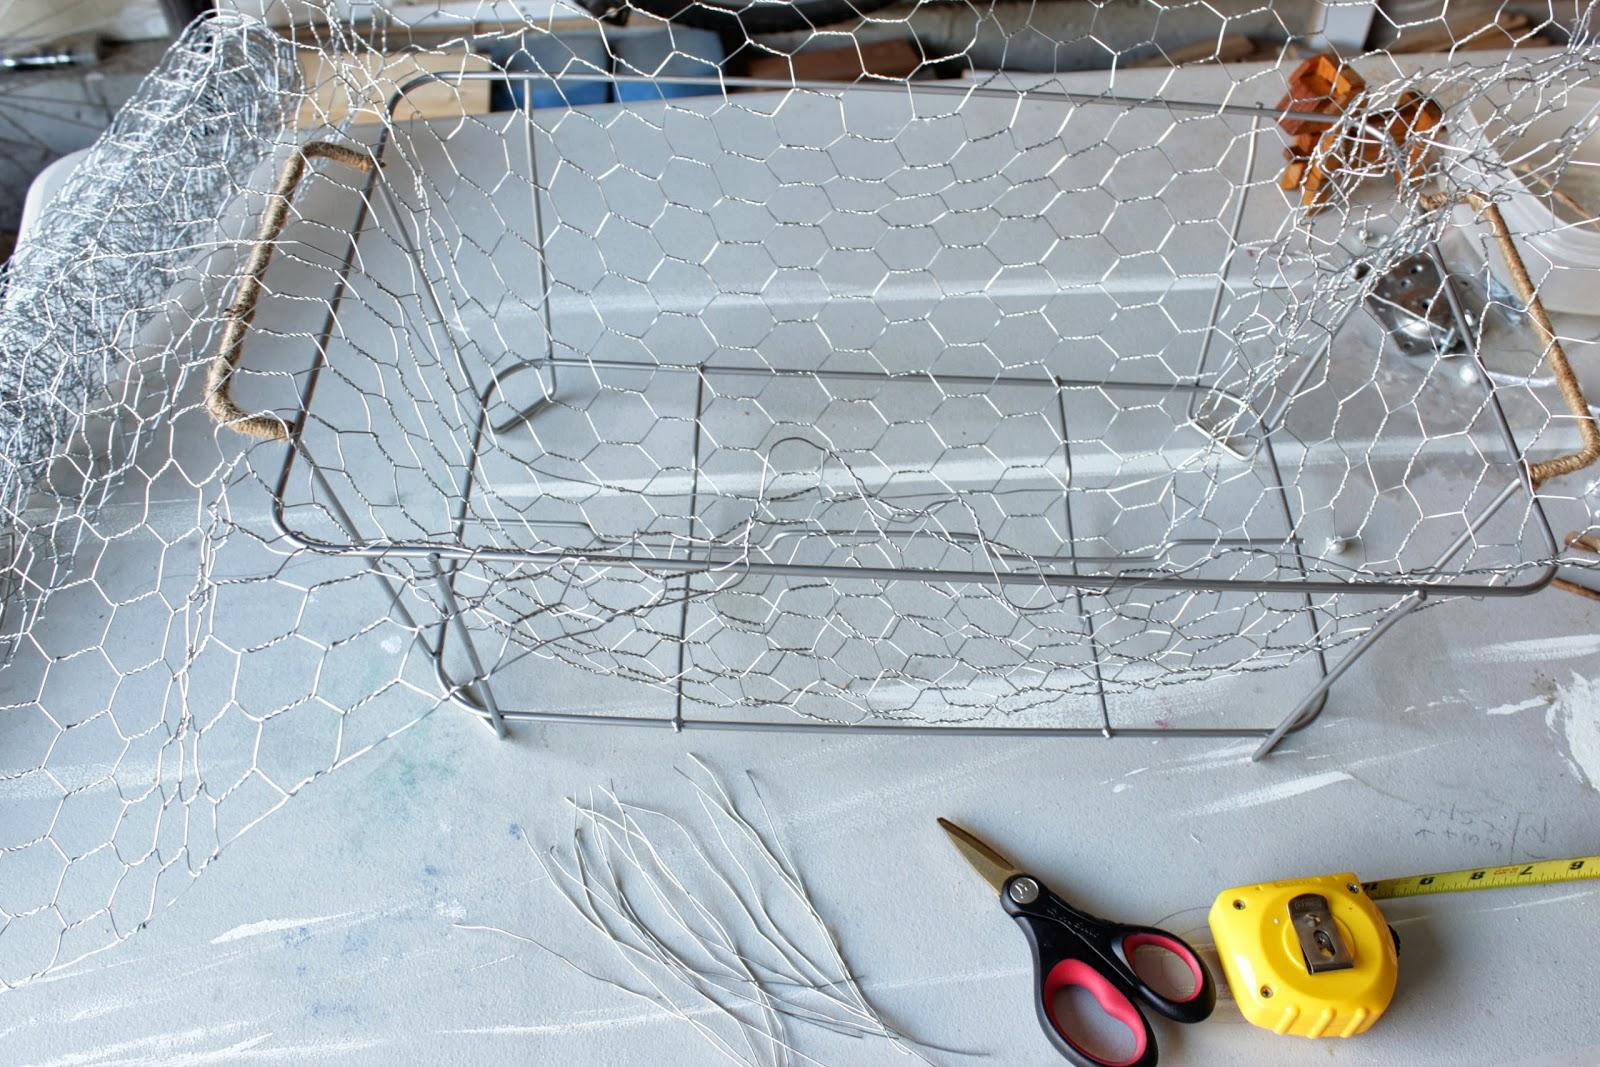 A Wire Basket Full of Apples - Remodelando la Casa